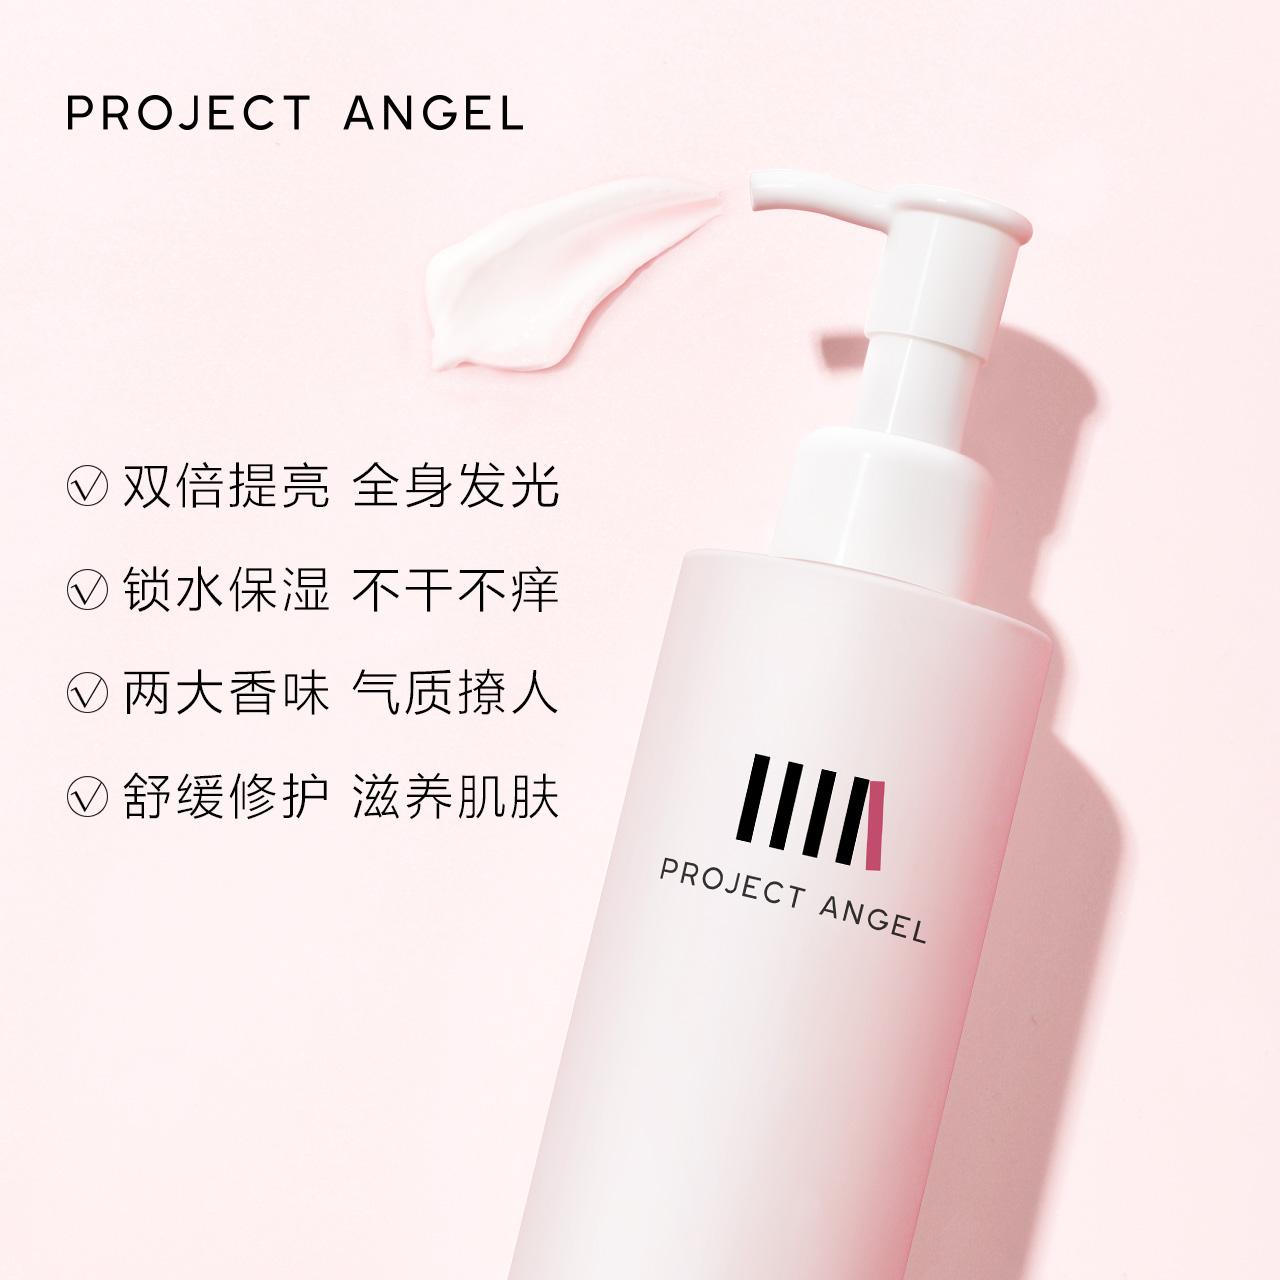 Project Angel身体乳好坏判断,一般人不告诉它